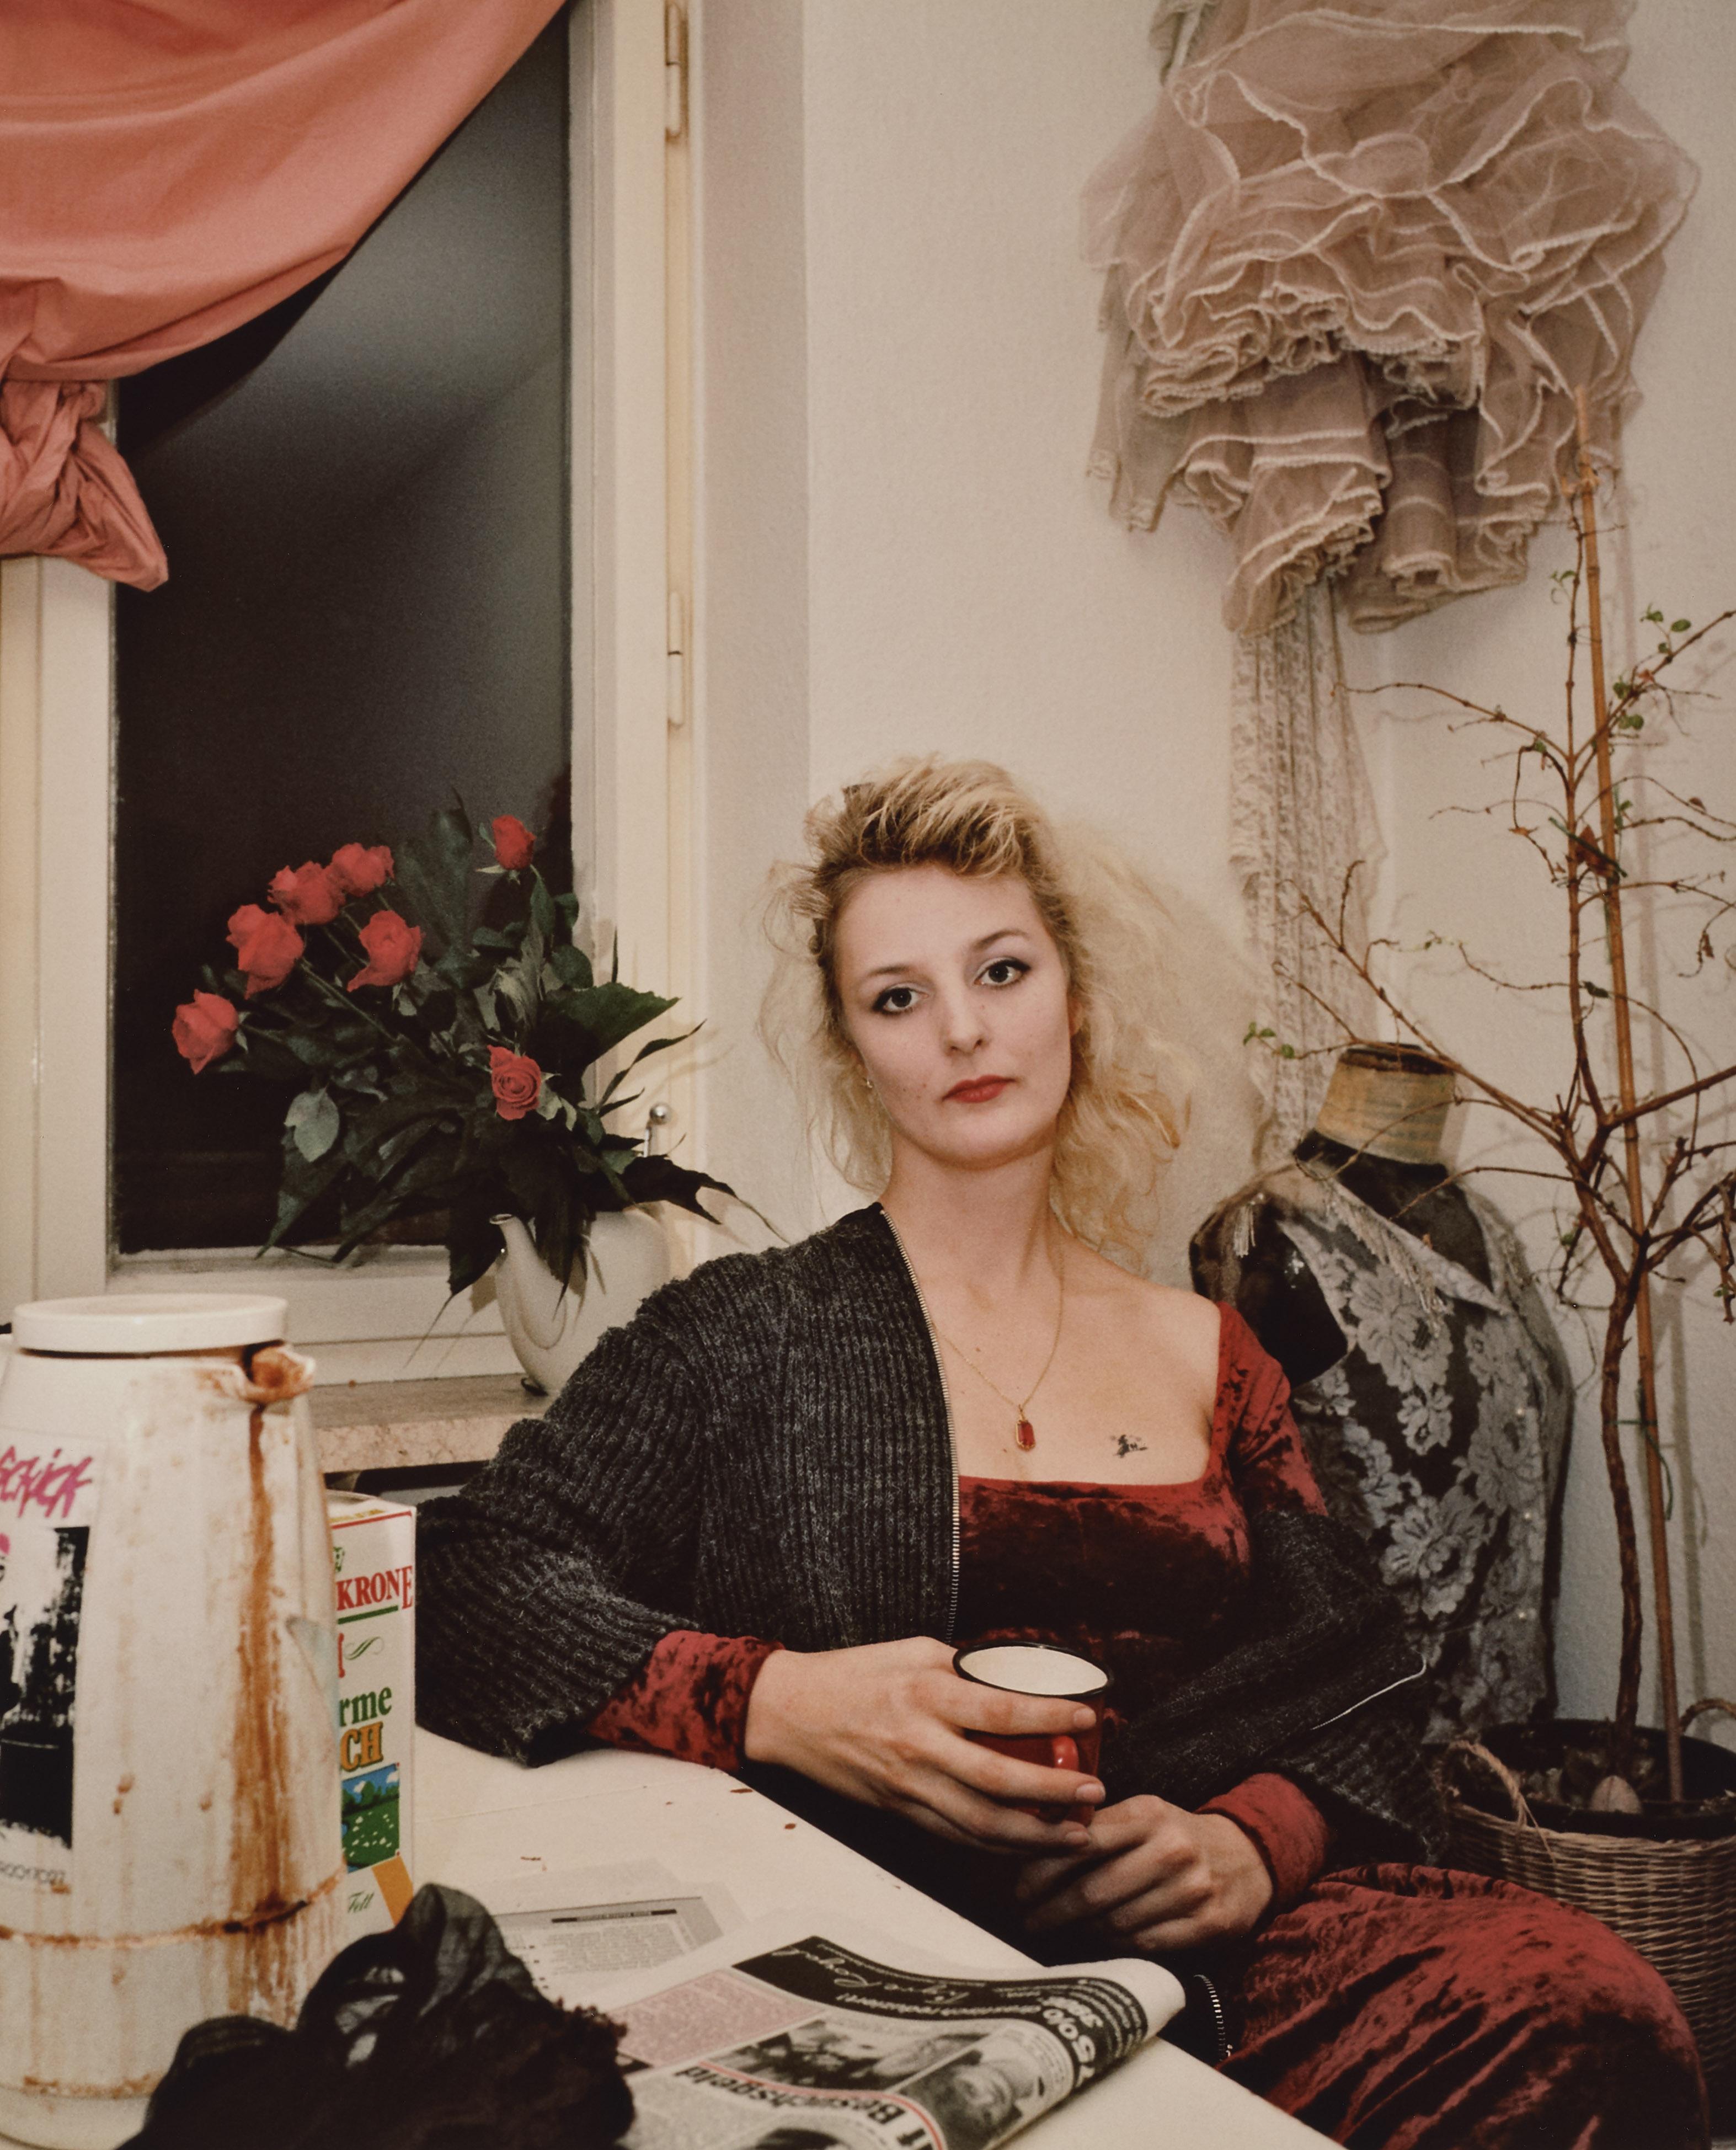 Eva Leitolf. München. Uta, aus der Serie Tanzlokalportraits. 09.12.1989.